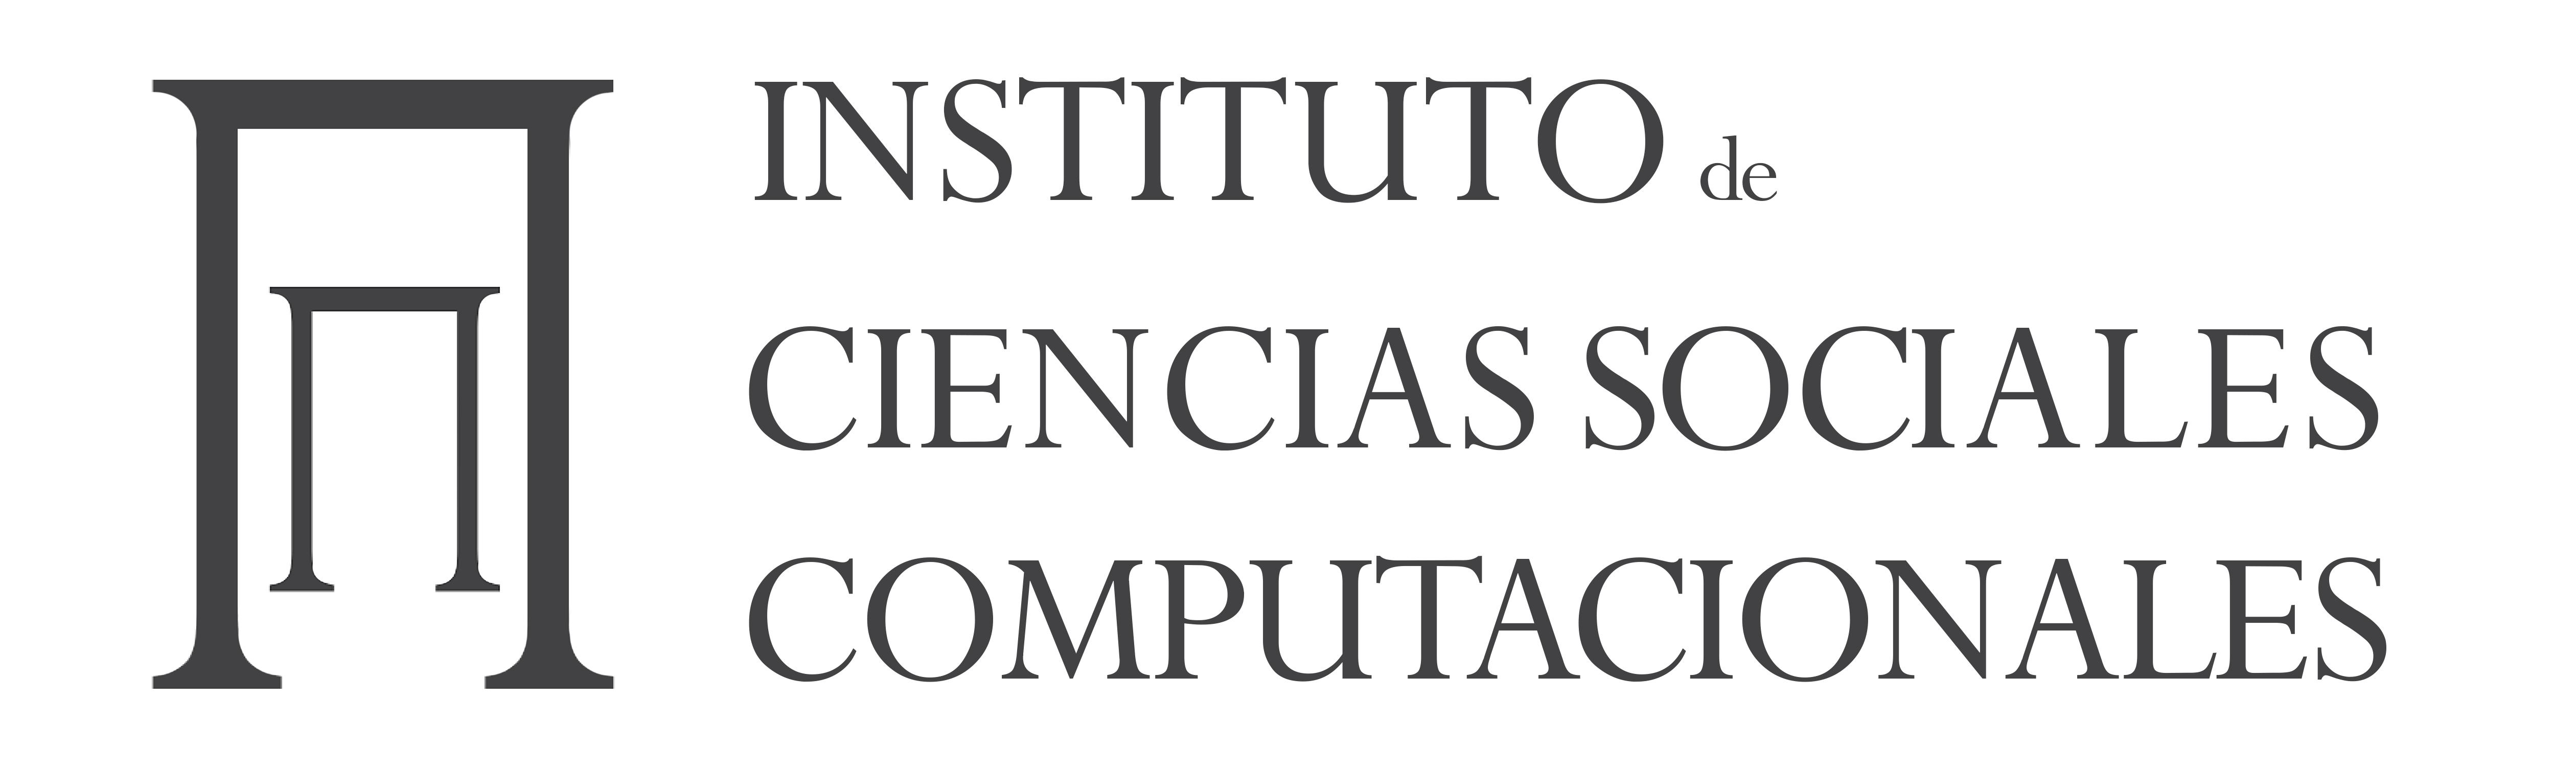 Instituto de Ciencias Sociales Computacionales